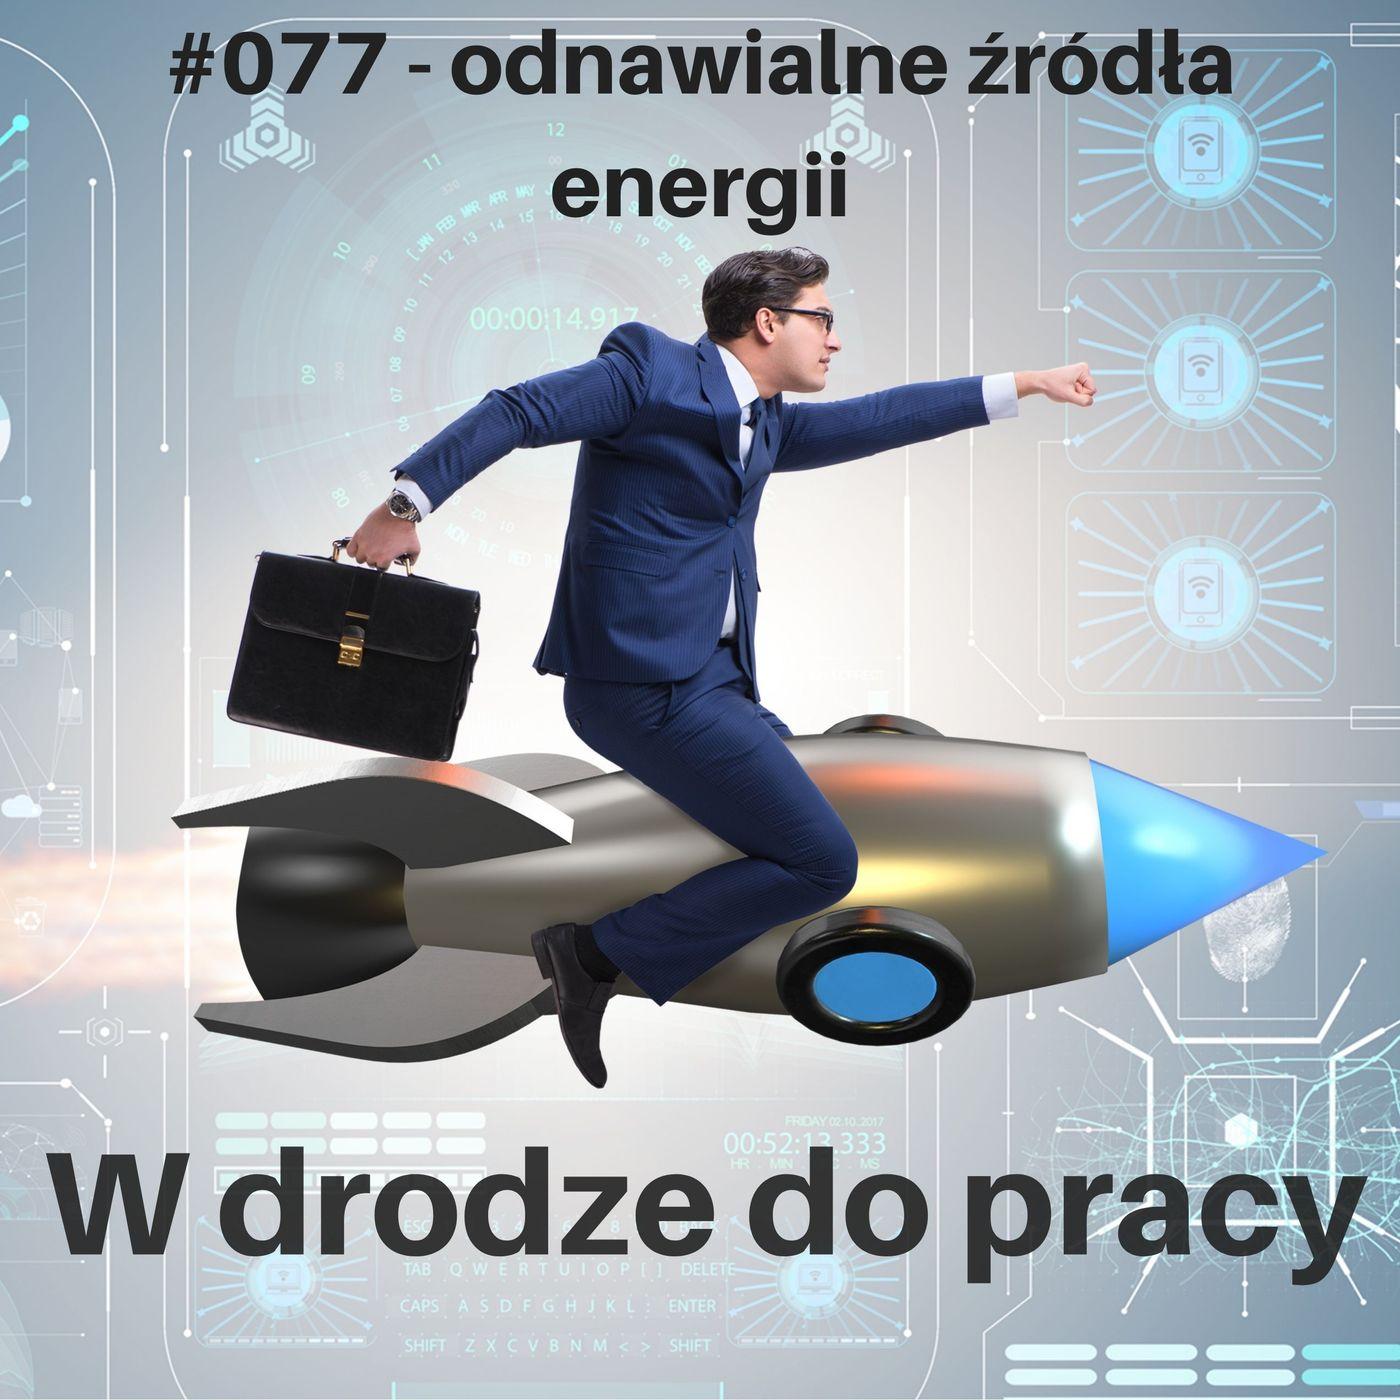 #077 - Odnawialne źródła energii i fotowoltaika.